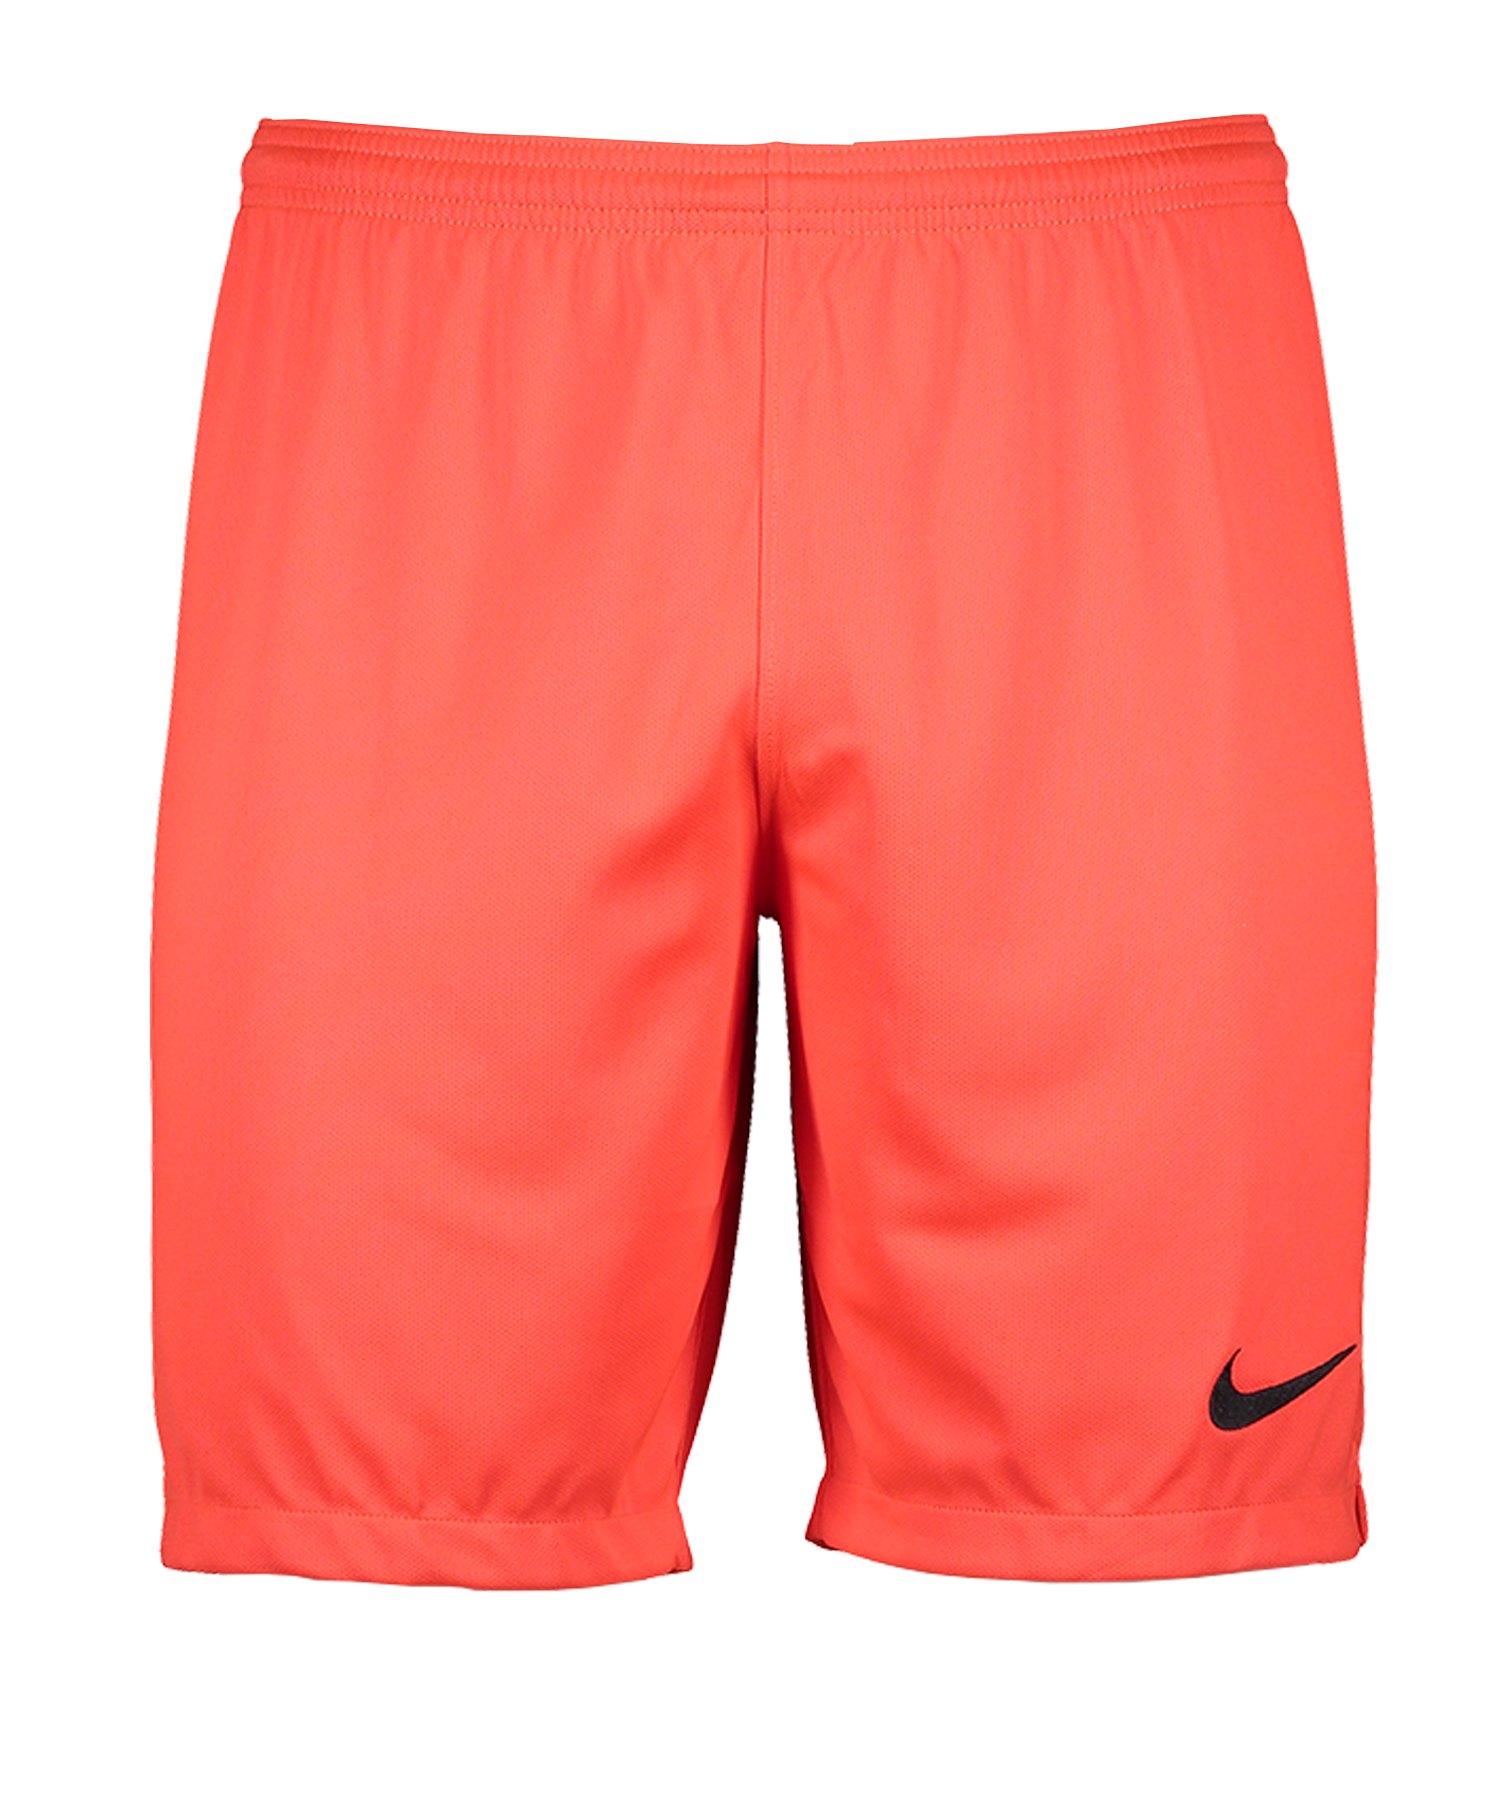 Nike Promo Torwartshort Rot F671 - rot